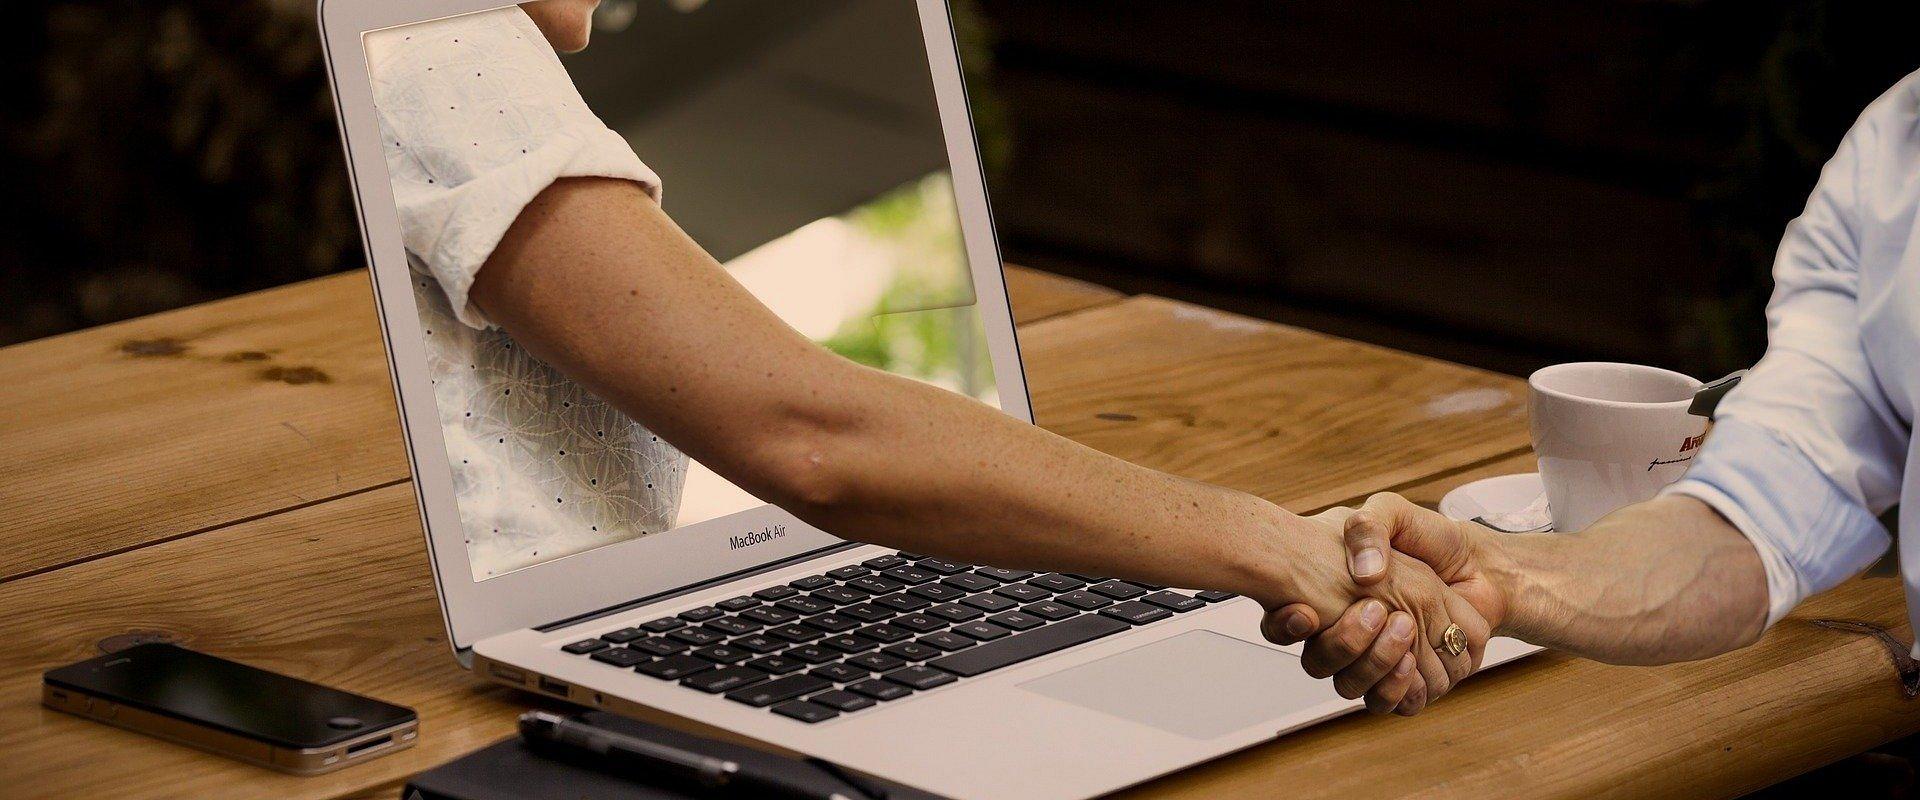 Strona internetowa dostosowana dla osób niepełnosprawnych – jak powinna wyglądać?